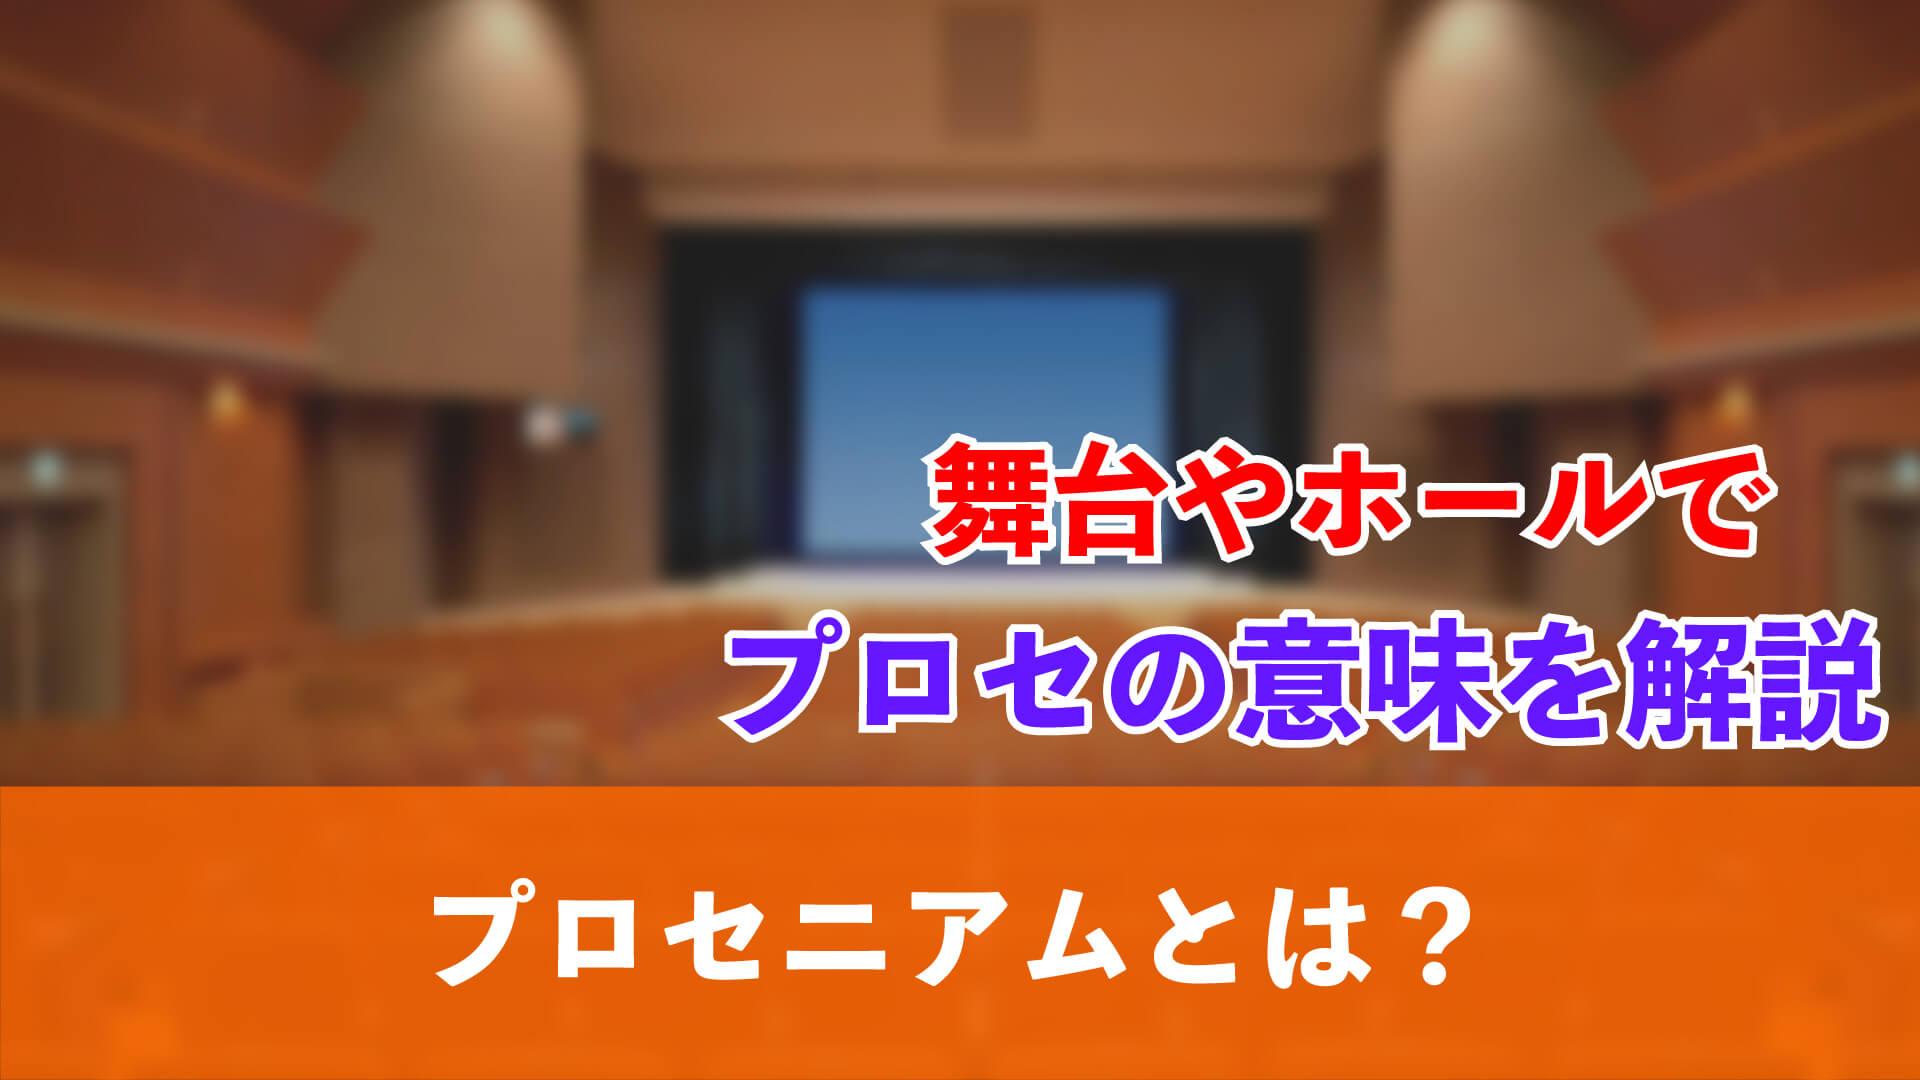 プロセニアムとは?【舞台やホール】プロセの意味